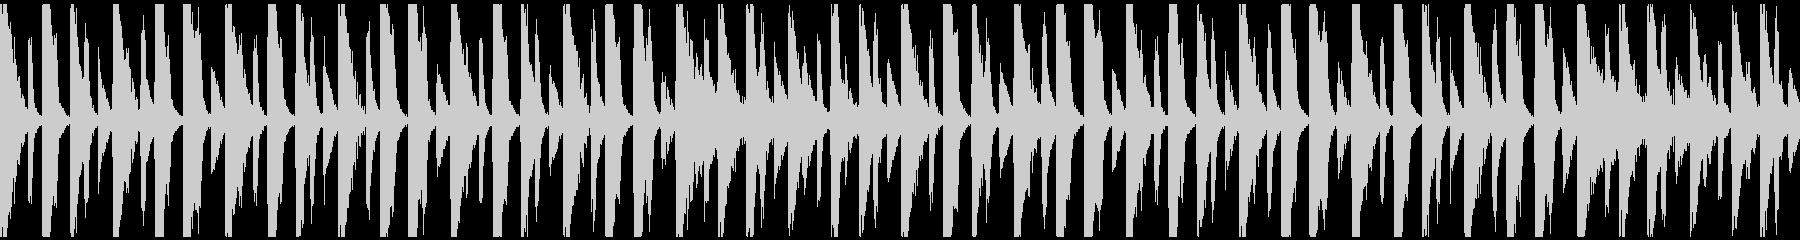 【ループ】レース3位以下のリザルトBGMの未再生の波形